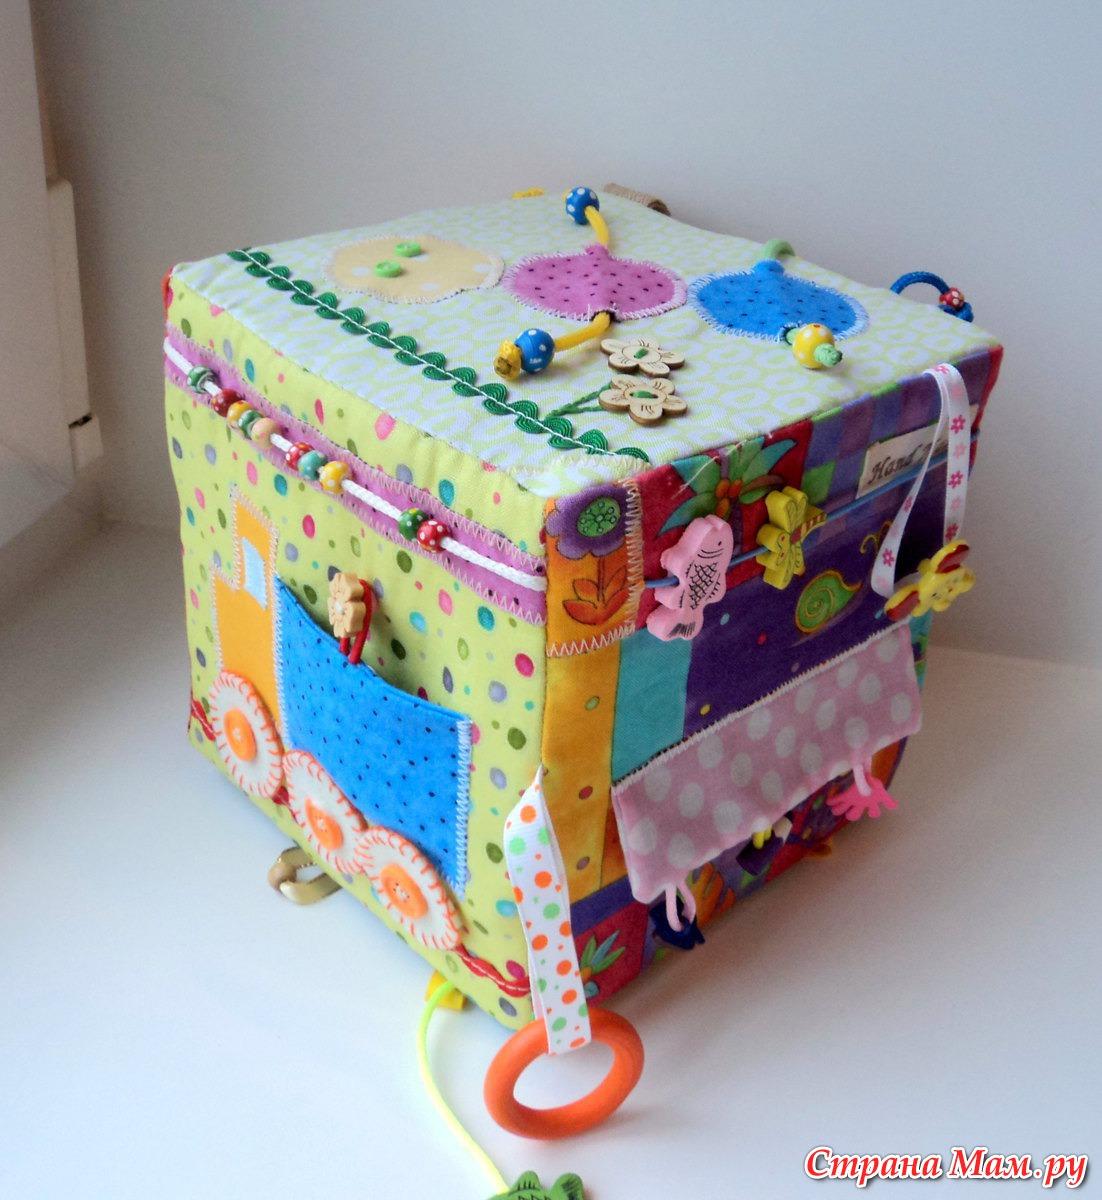 Развивающий кубик своими руками фото 279